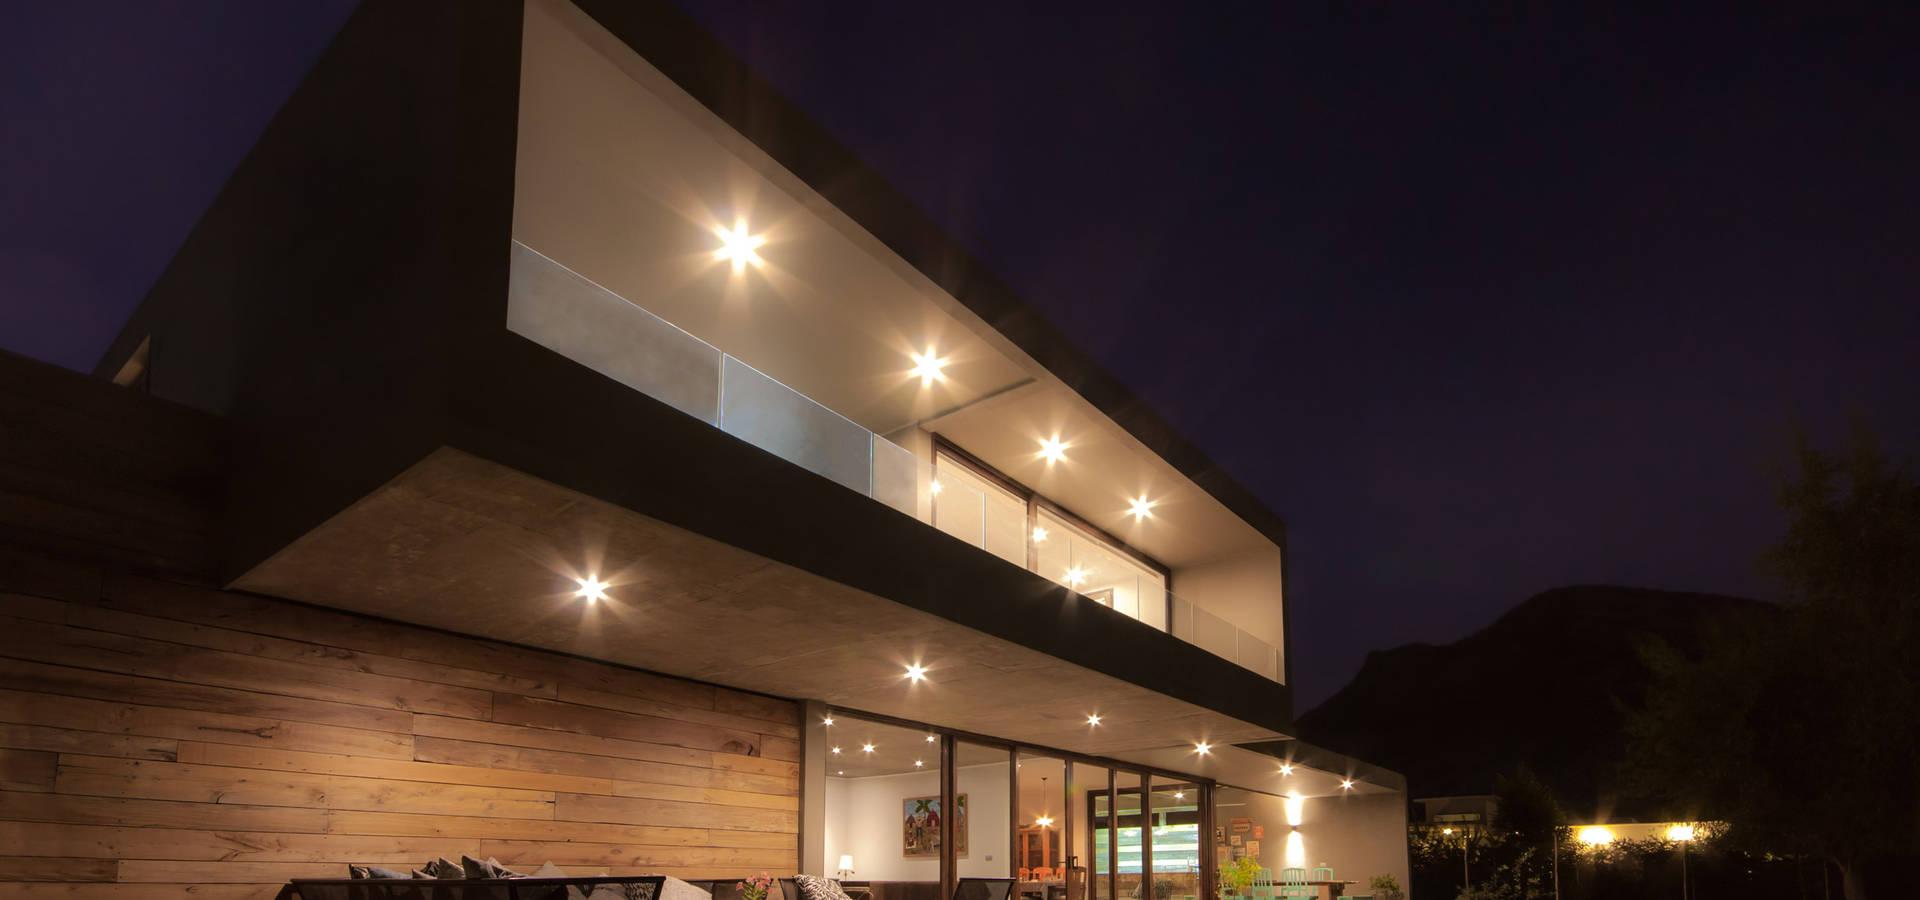 JPV Arquitecto